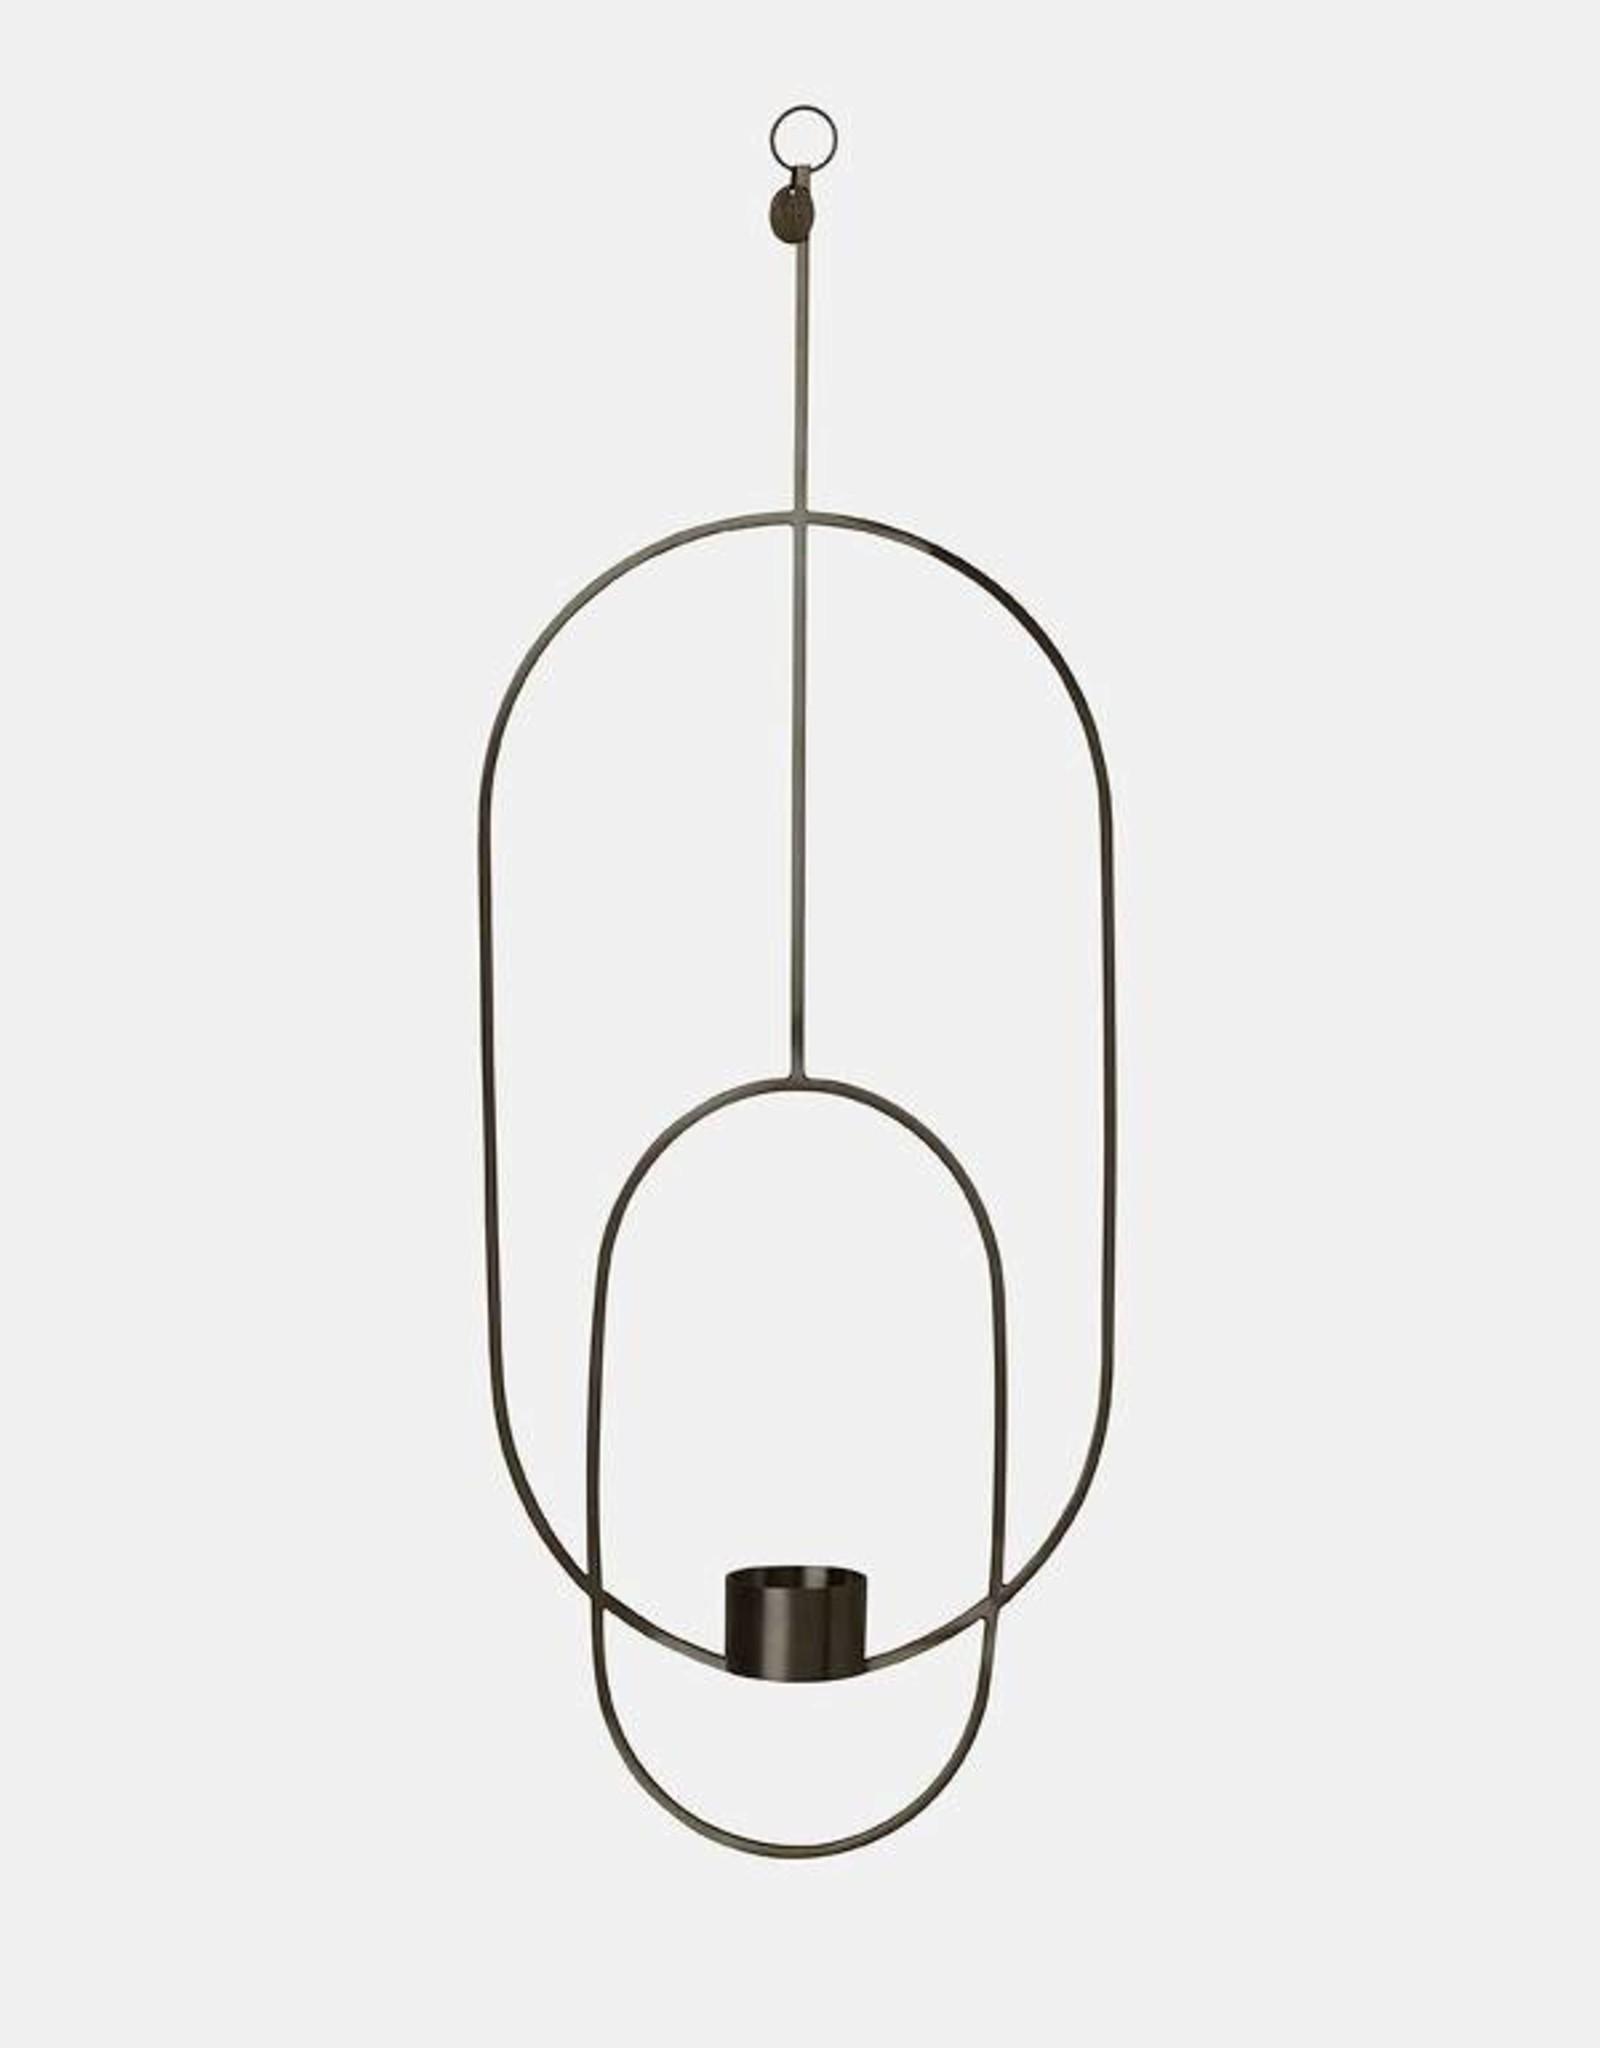 Ferm Living Chandelier Suspendu - Ovale - Noir